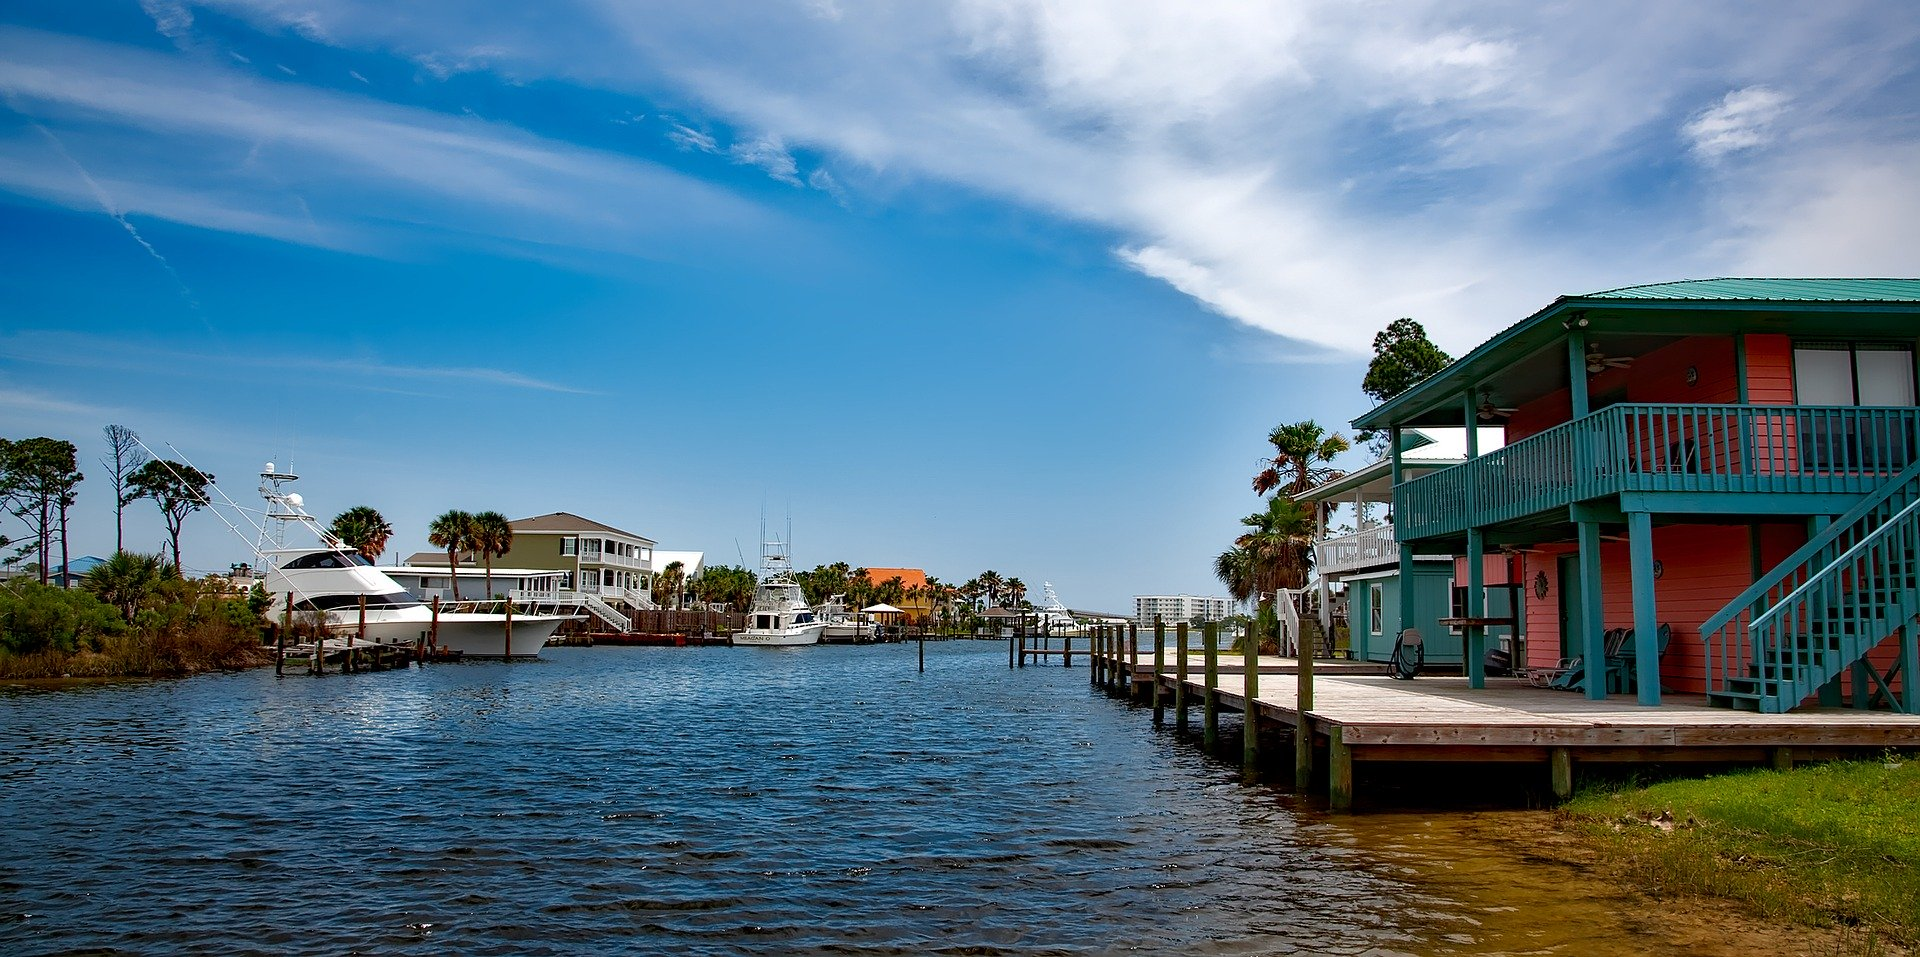 Where to Book a Beach House or Condo Rental in Gulf Shores, Alabama